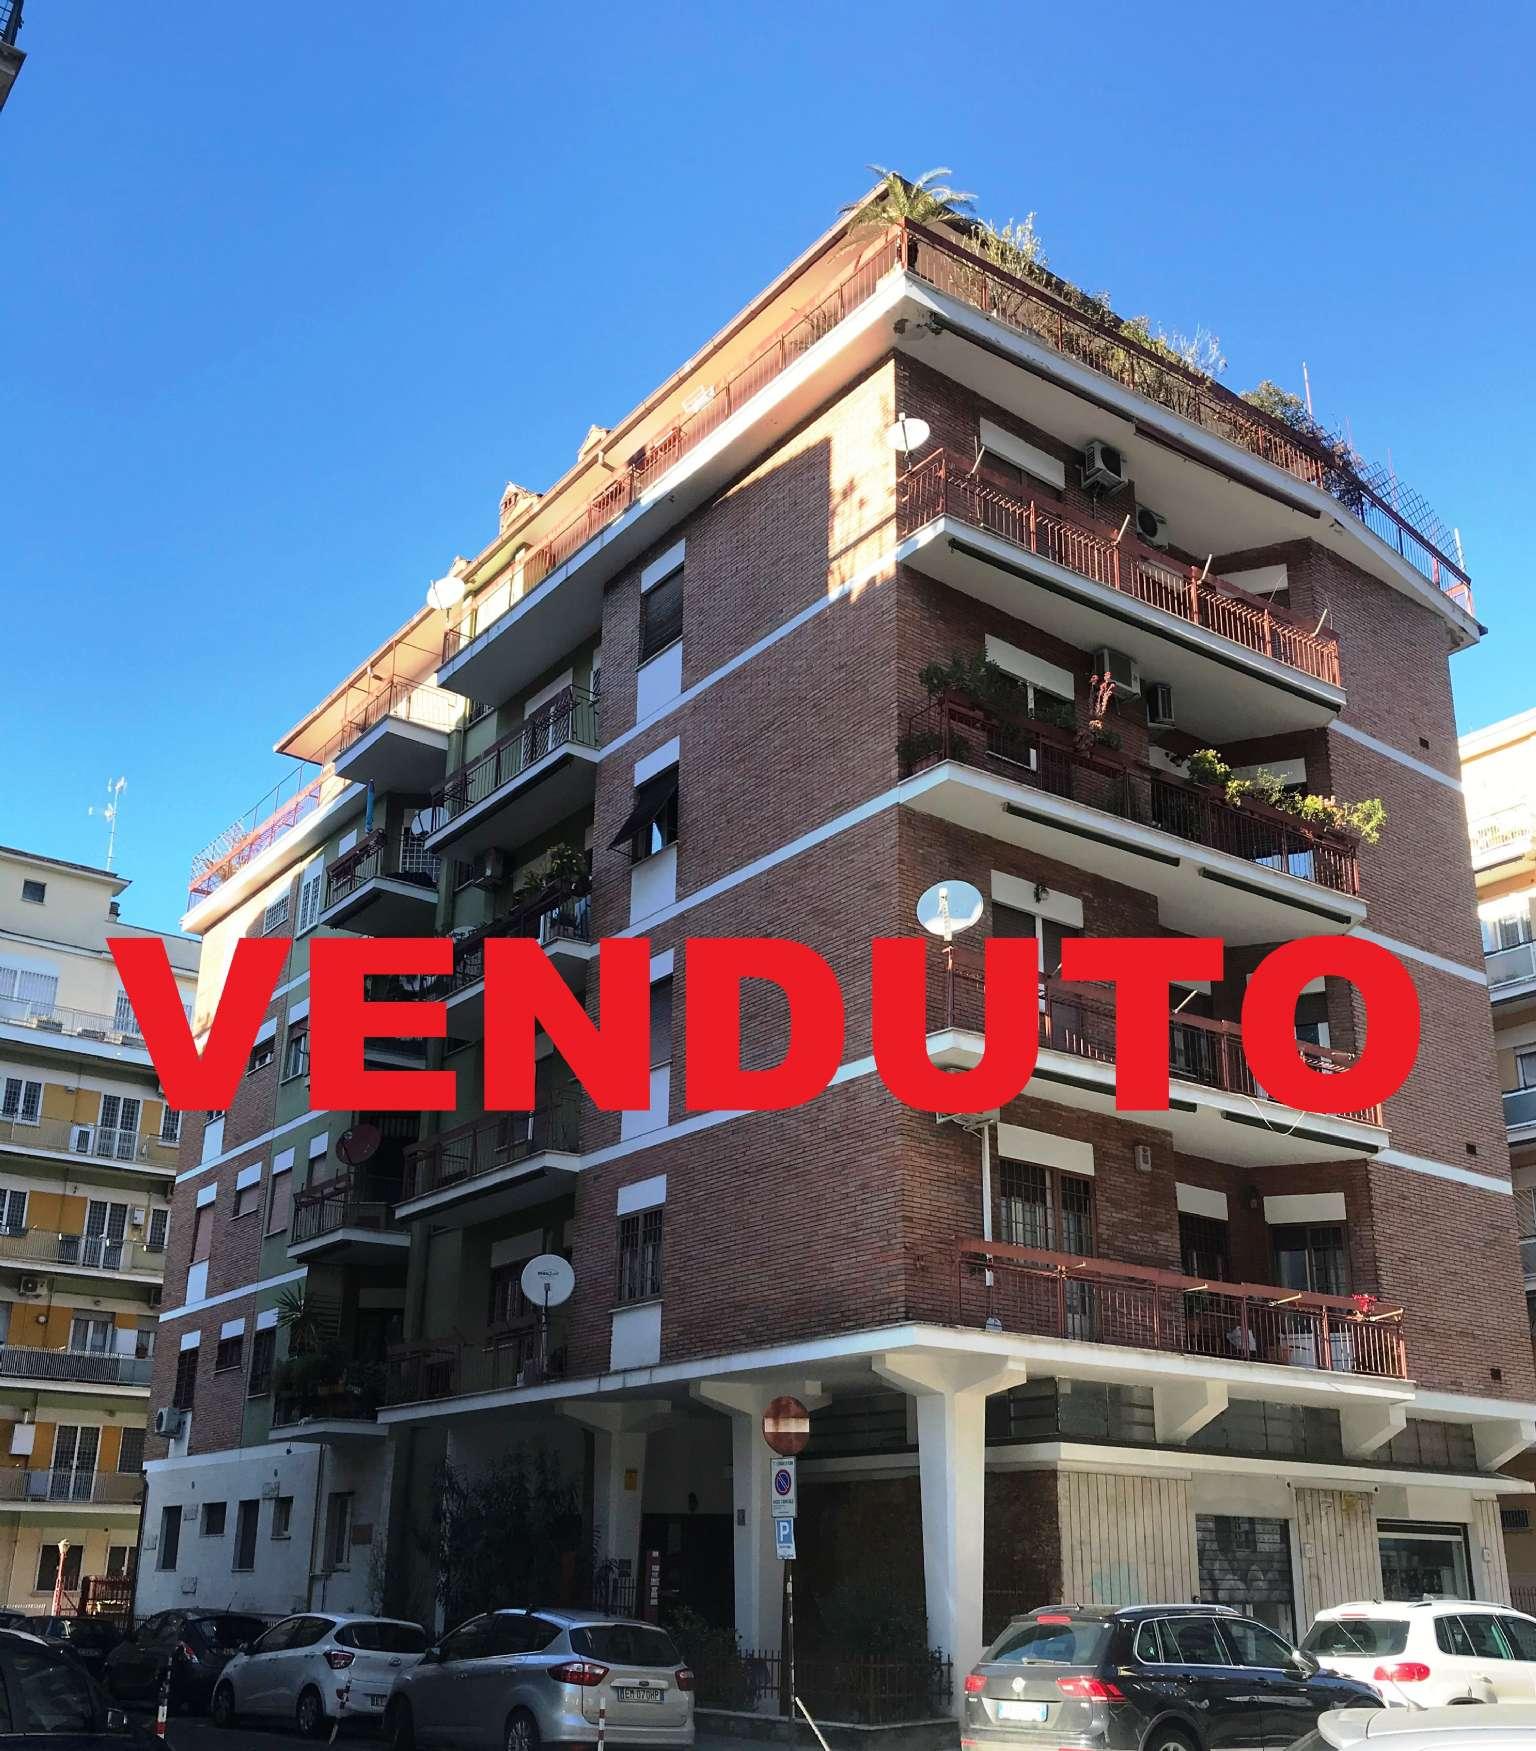 Appartamento in vendita a Roma, 5 locali, zona Zona: 5 . Montesacro - Talenti, prezzo € 479.000 | CambioCasa.it